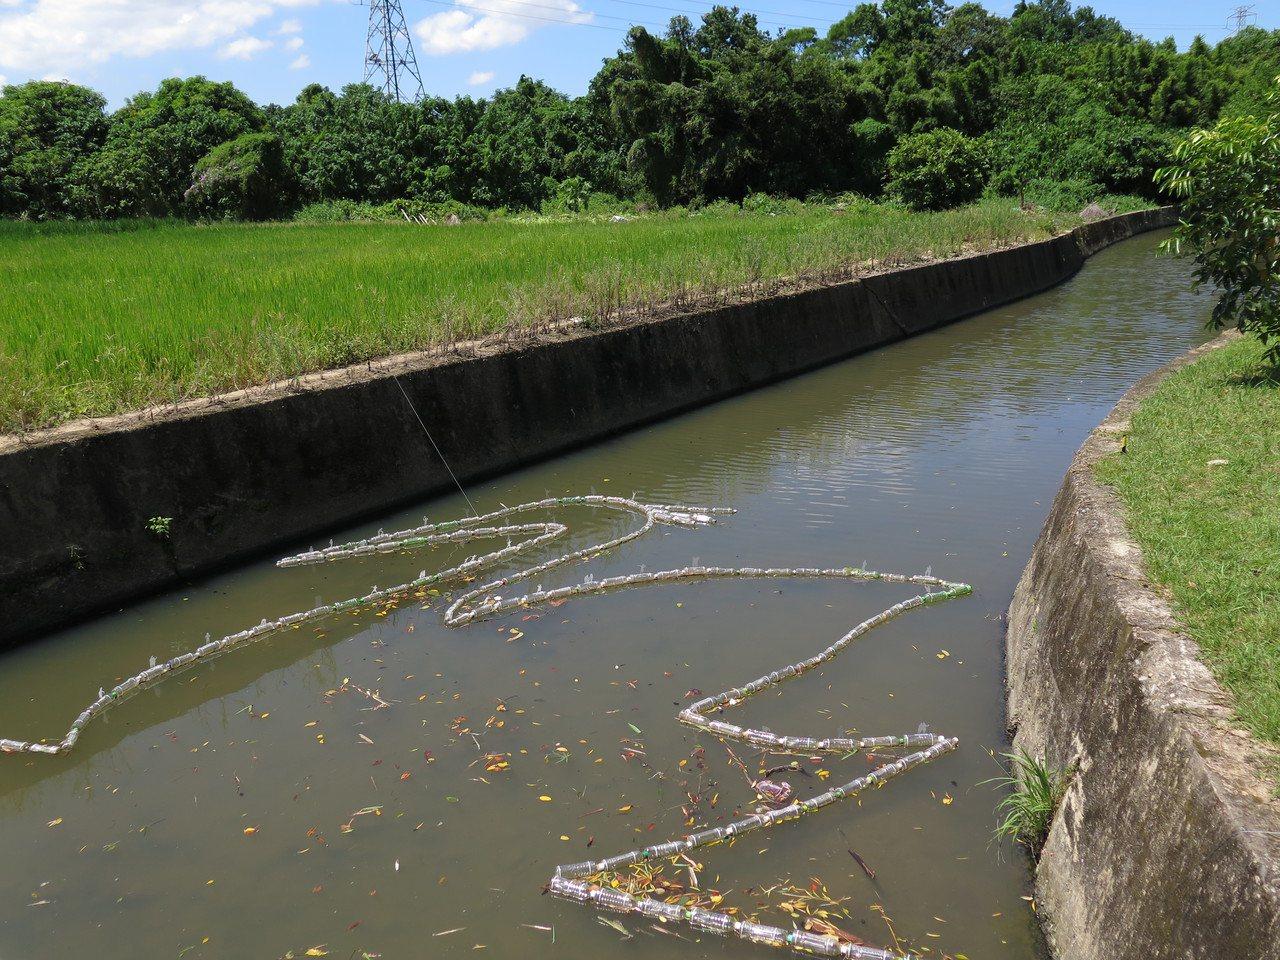 桃園地景藝術節「藝遊八塊厝」作品之一「一條河」將用完的寶特瓶在河面上串出白鷺鷥造...